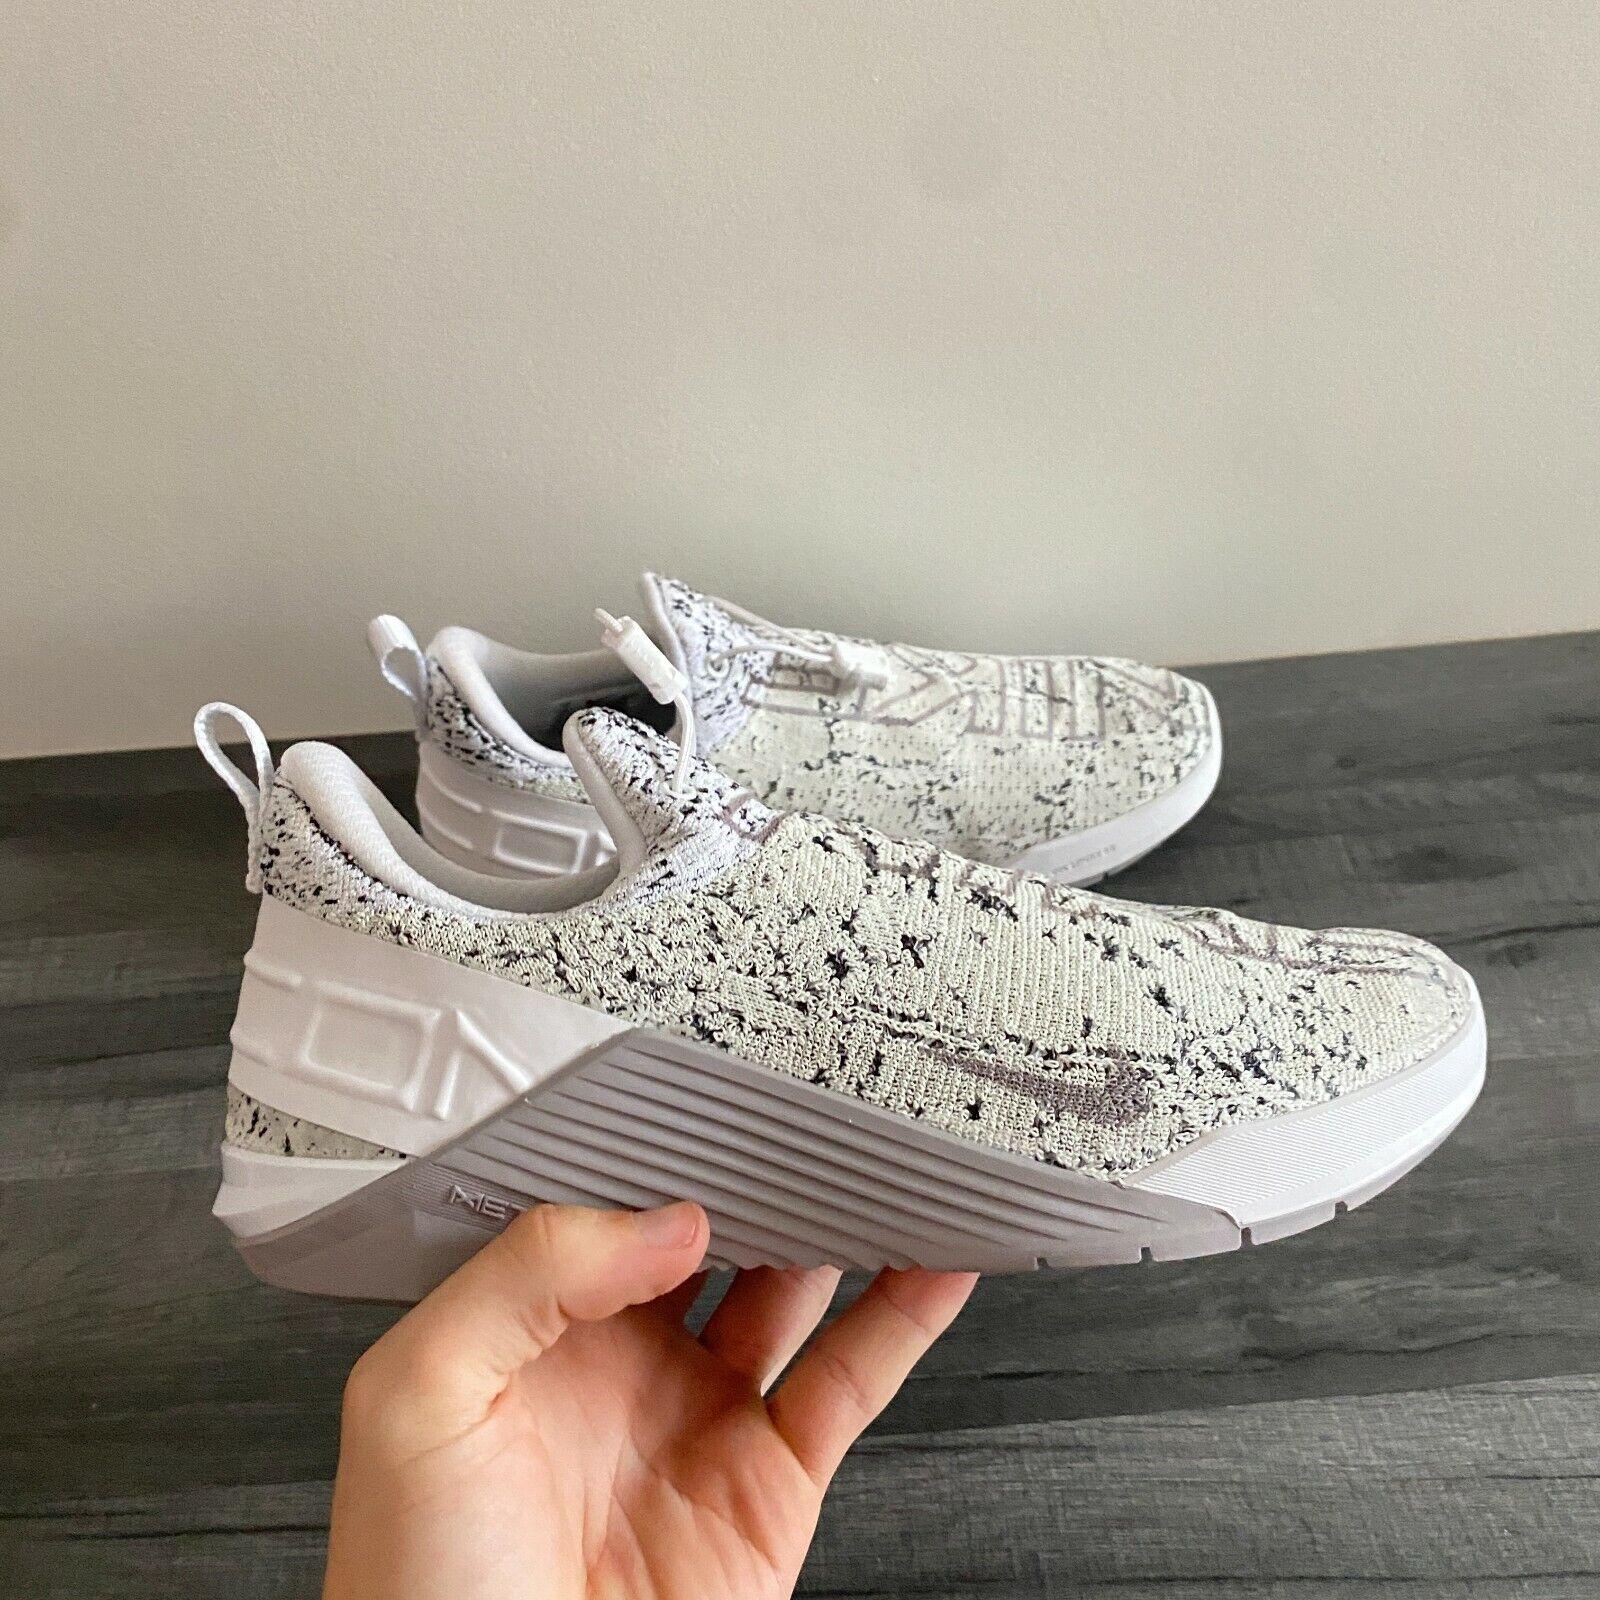 Nike Femme réagissent metcon-UK 6.5/US 9/EUR 40.5 - Gris/Blanc (BQ6046-100)